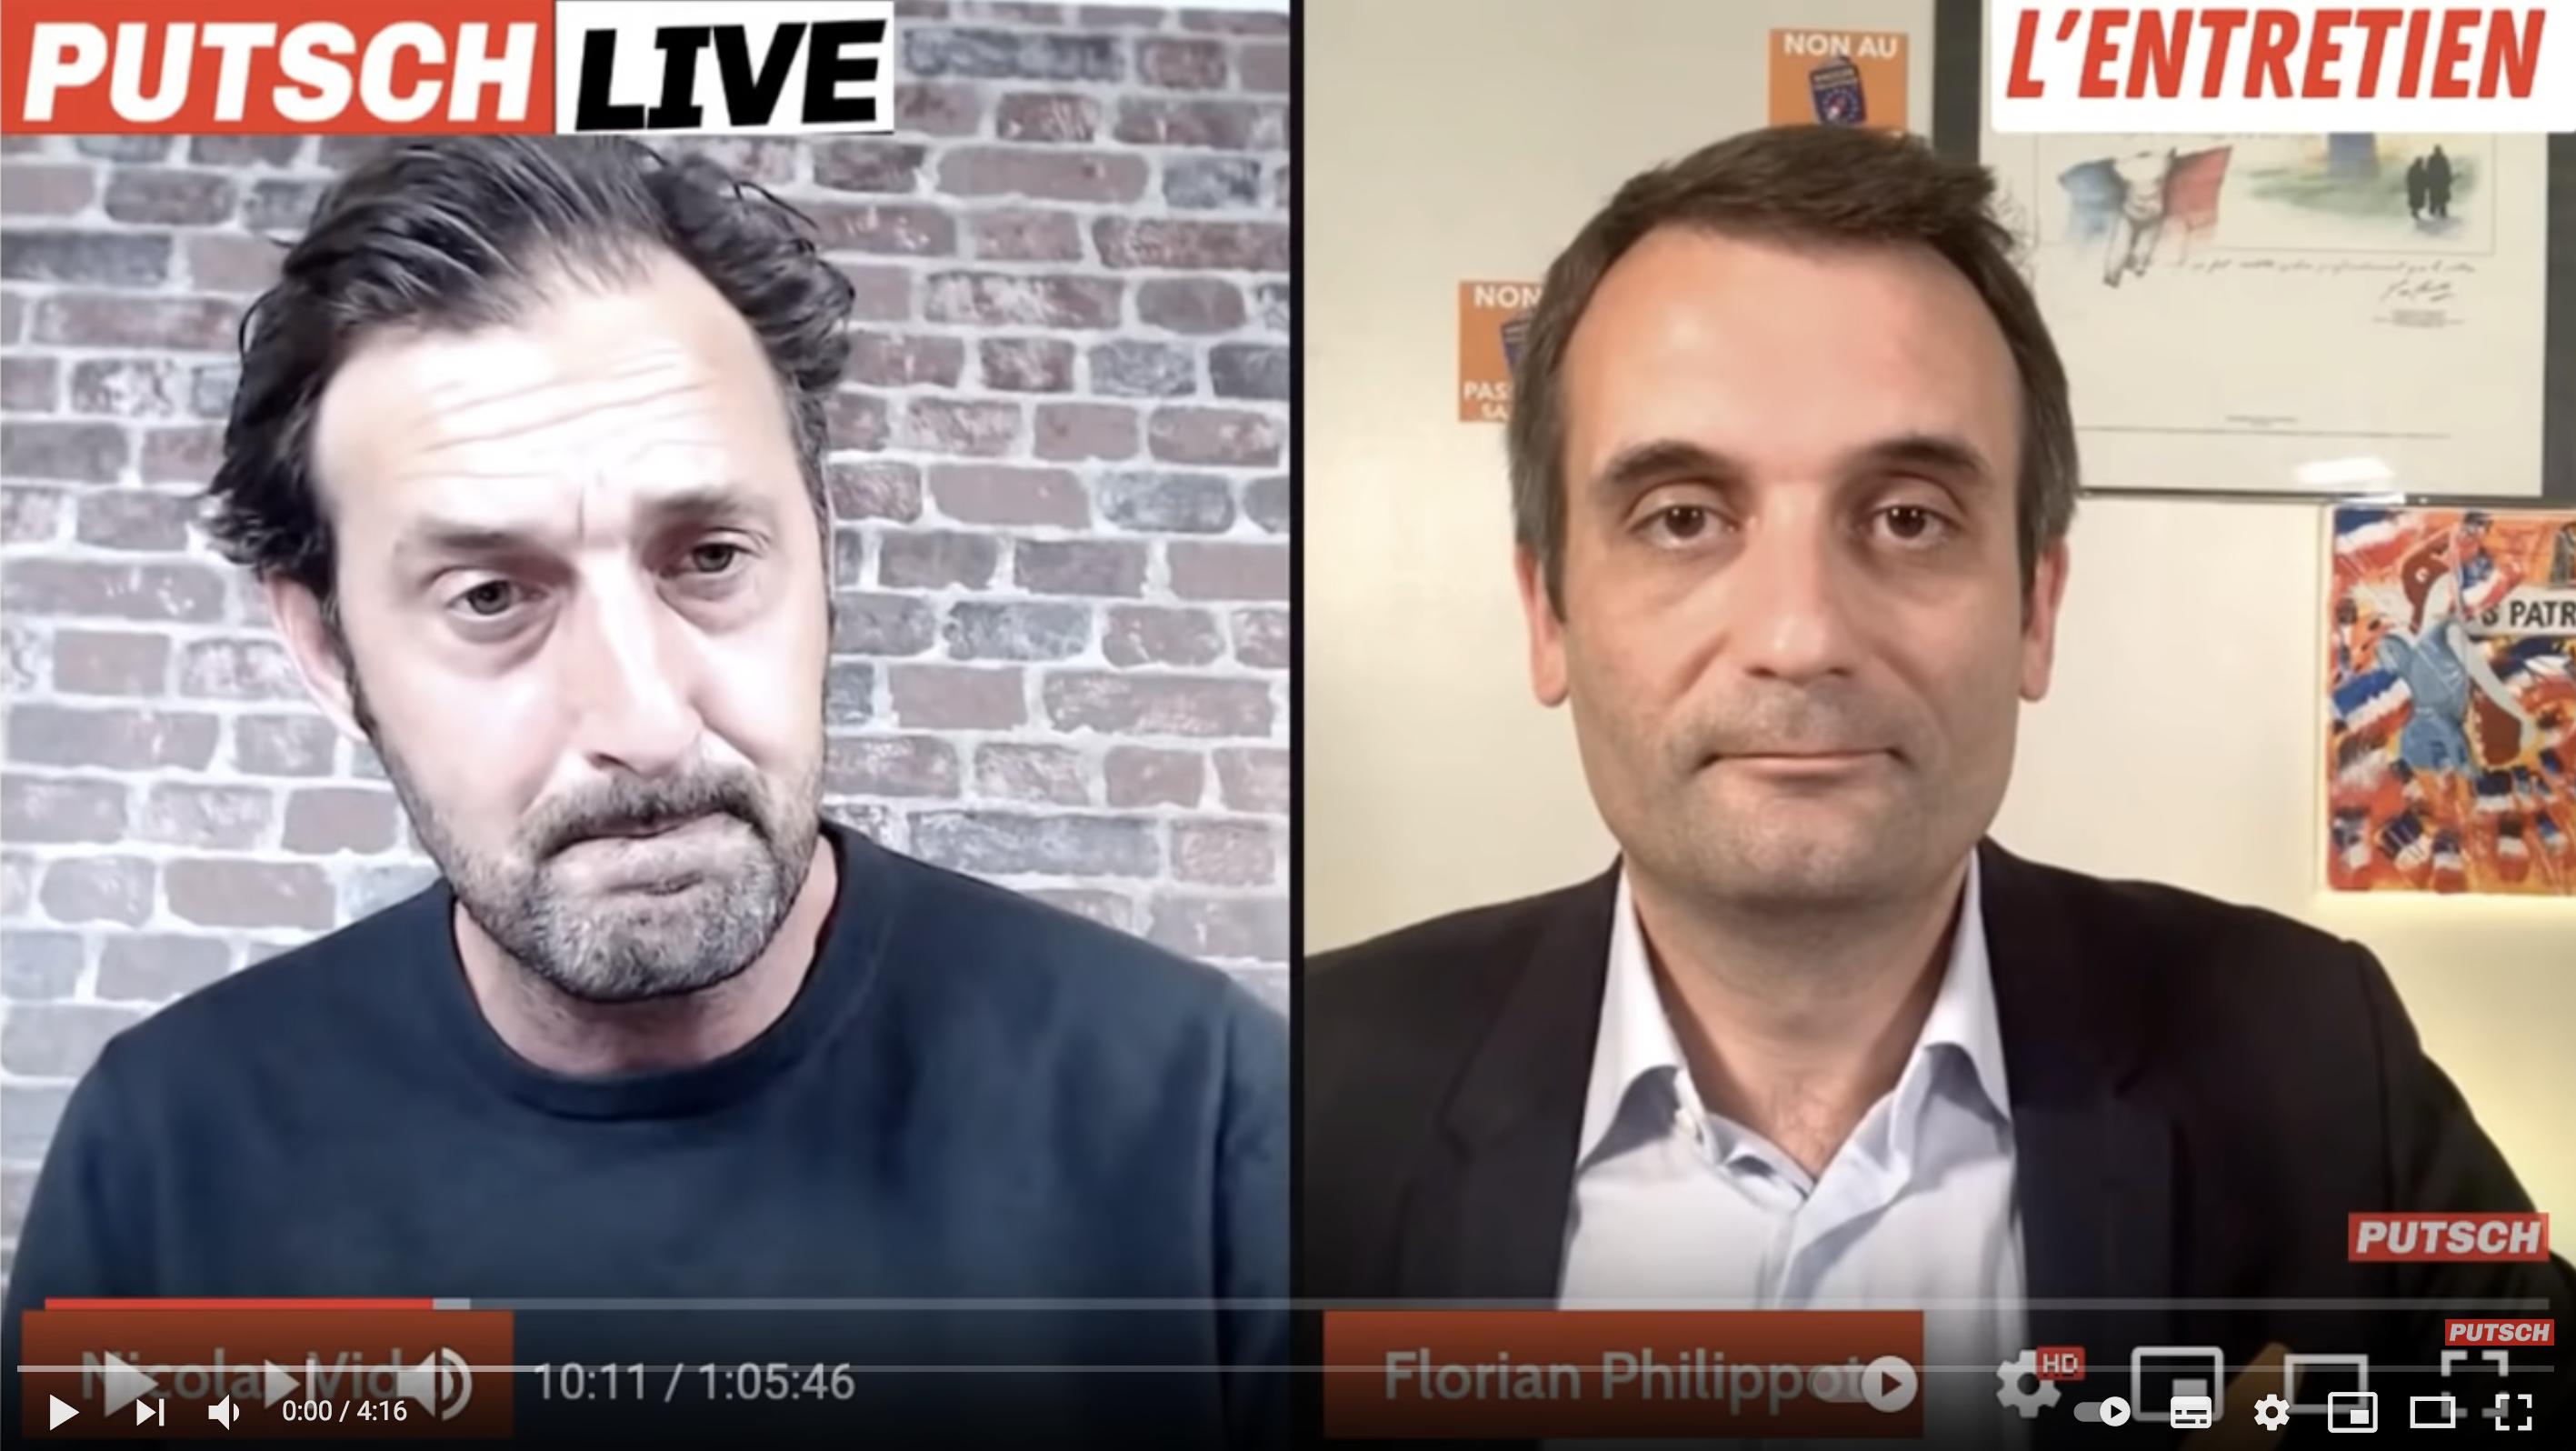 Pass sanitaire : Florian Philippot attaque violemment Michel Onfray (VIDÉO)